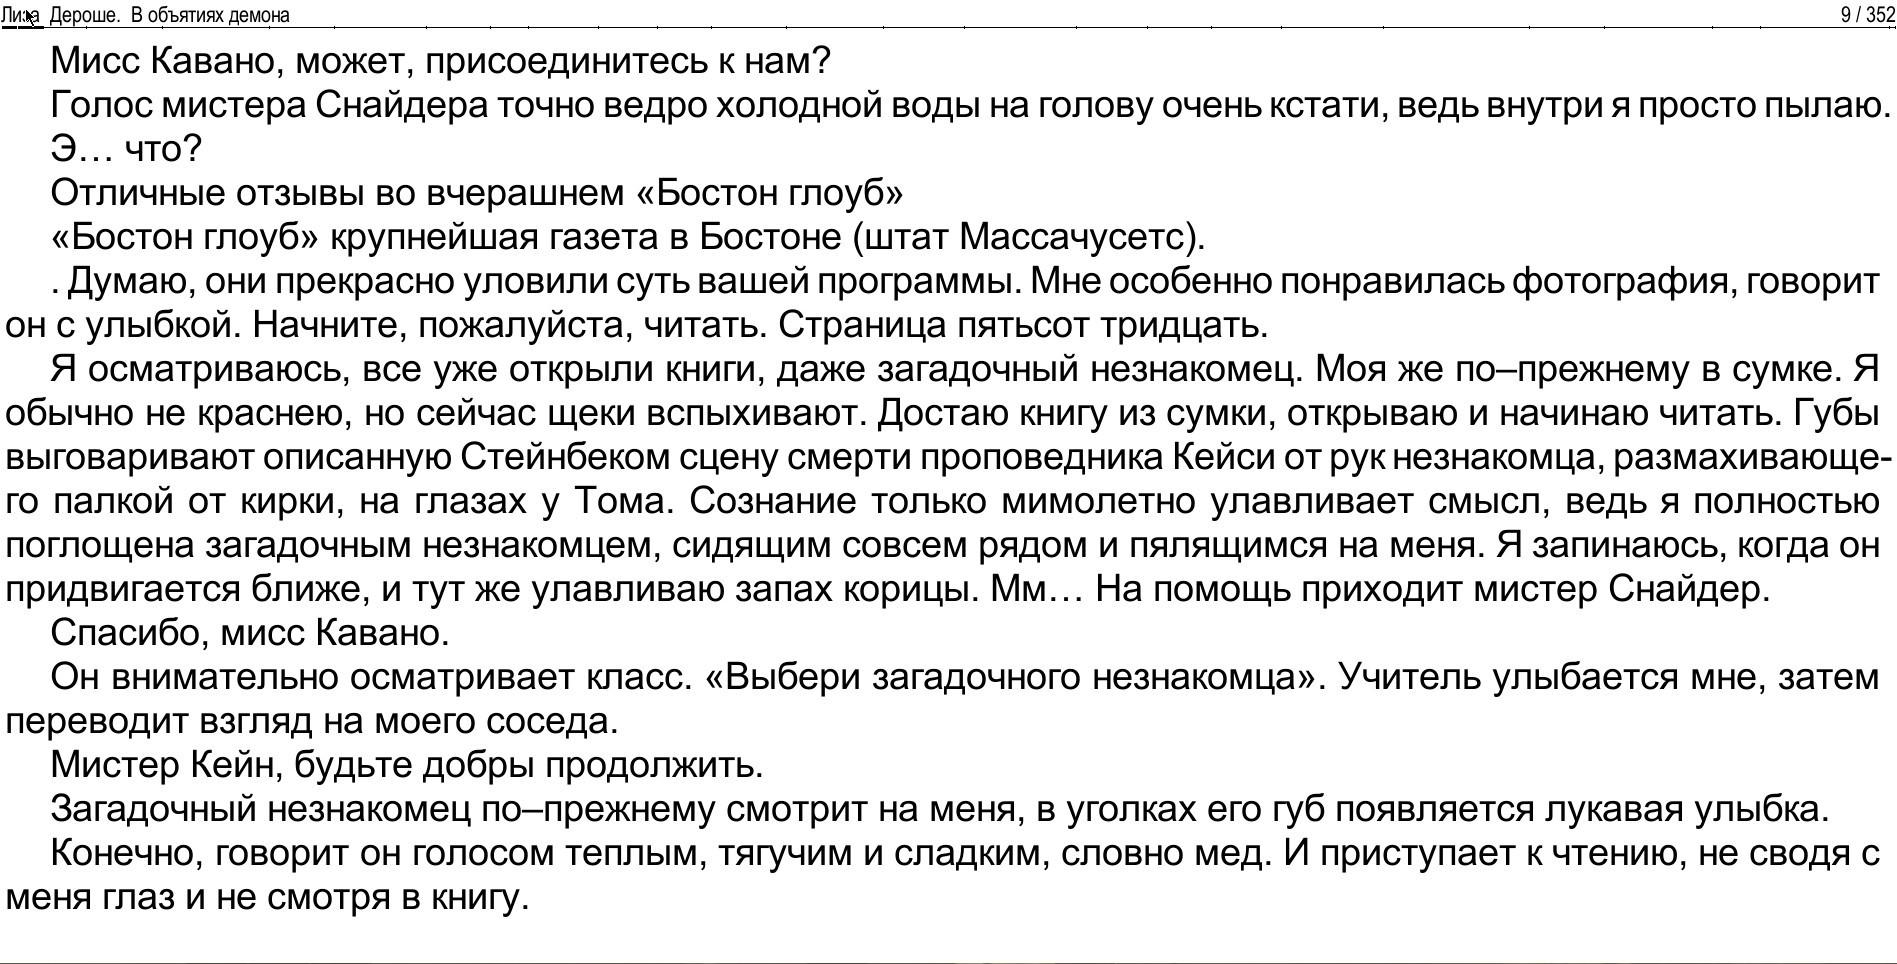 http://i6.imageban.ru/out/2014/08/11/fbdbe83610940649cdb5978dfc0698cb.jpg